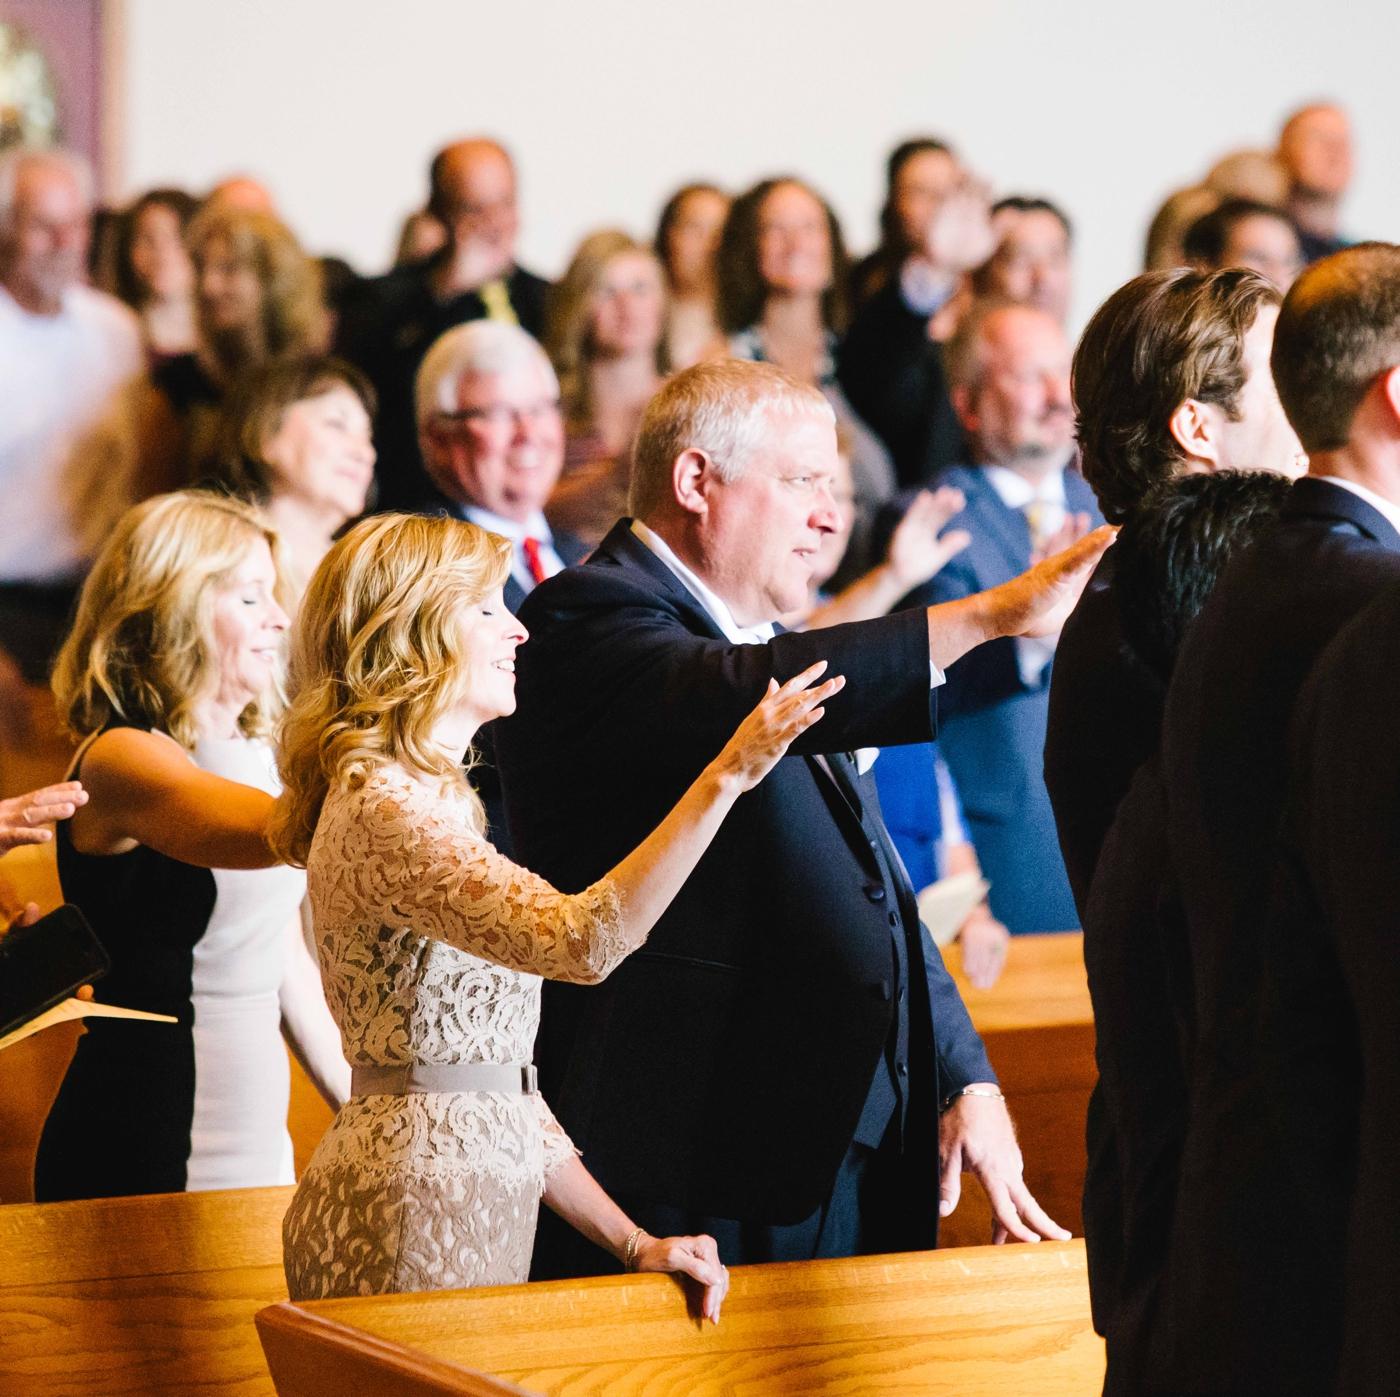 chicago-fine-art-wedding-photography-neuendank17